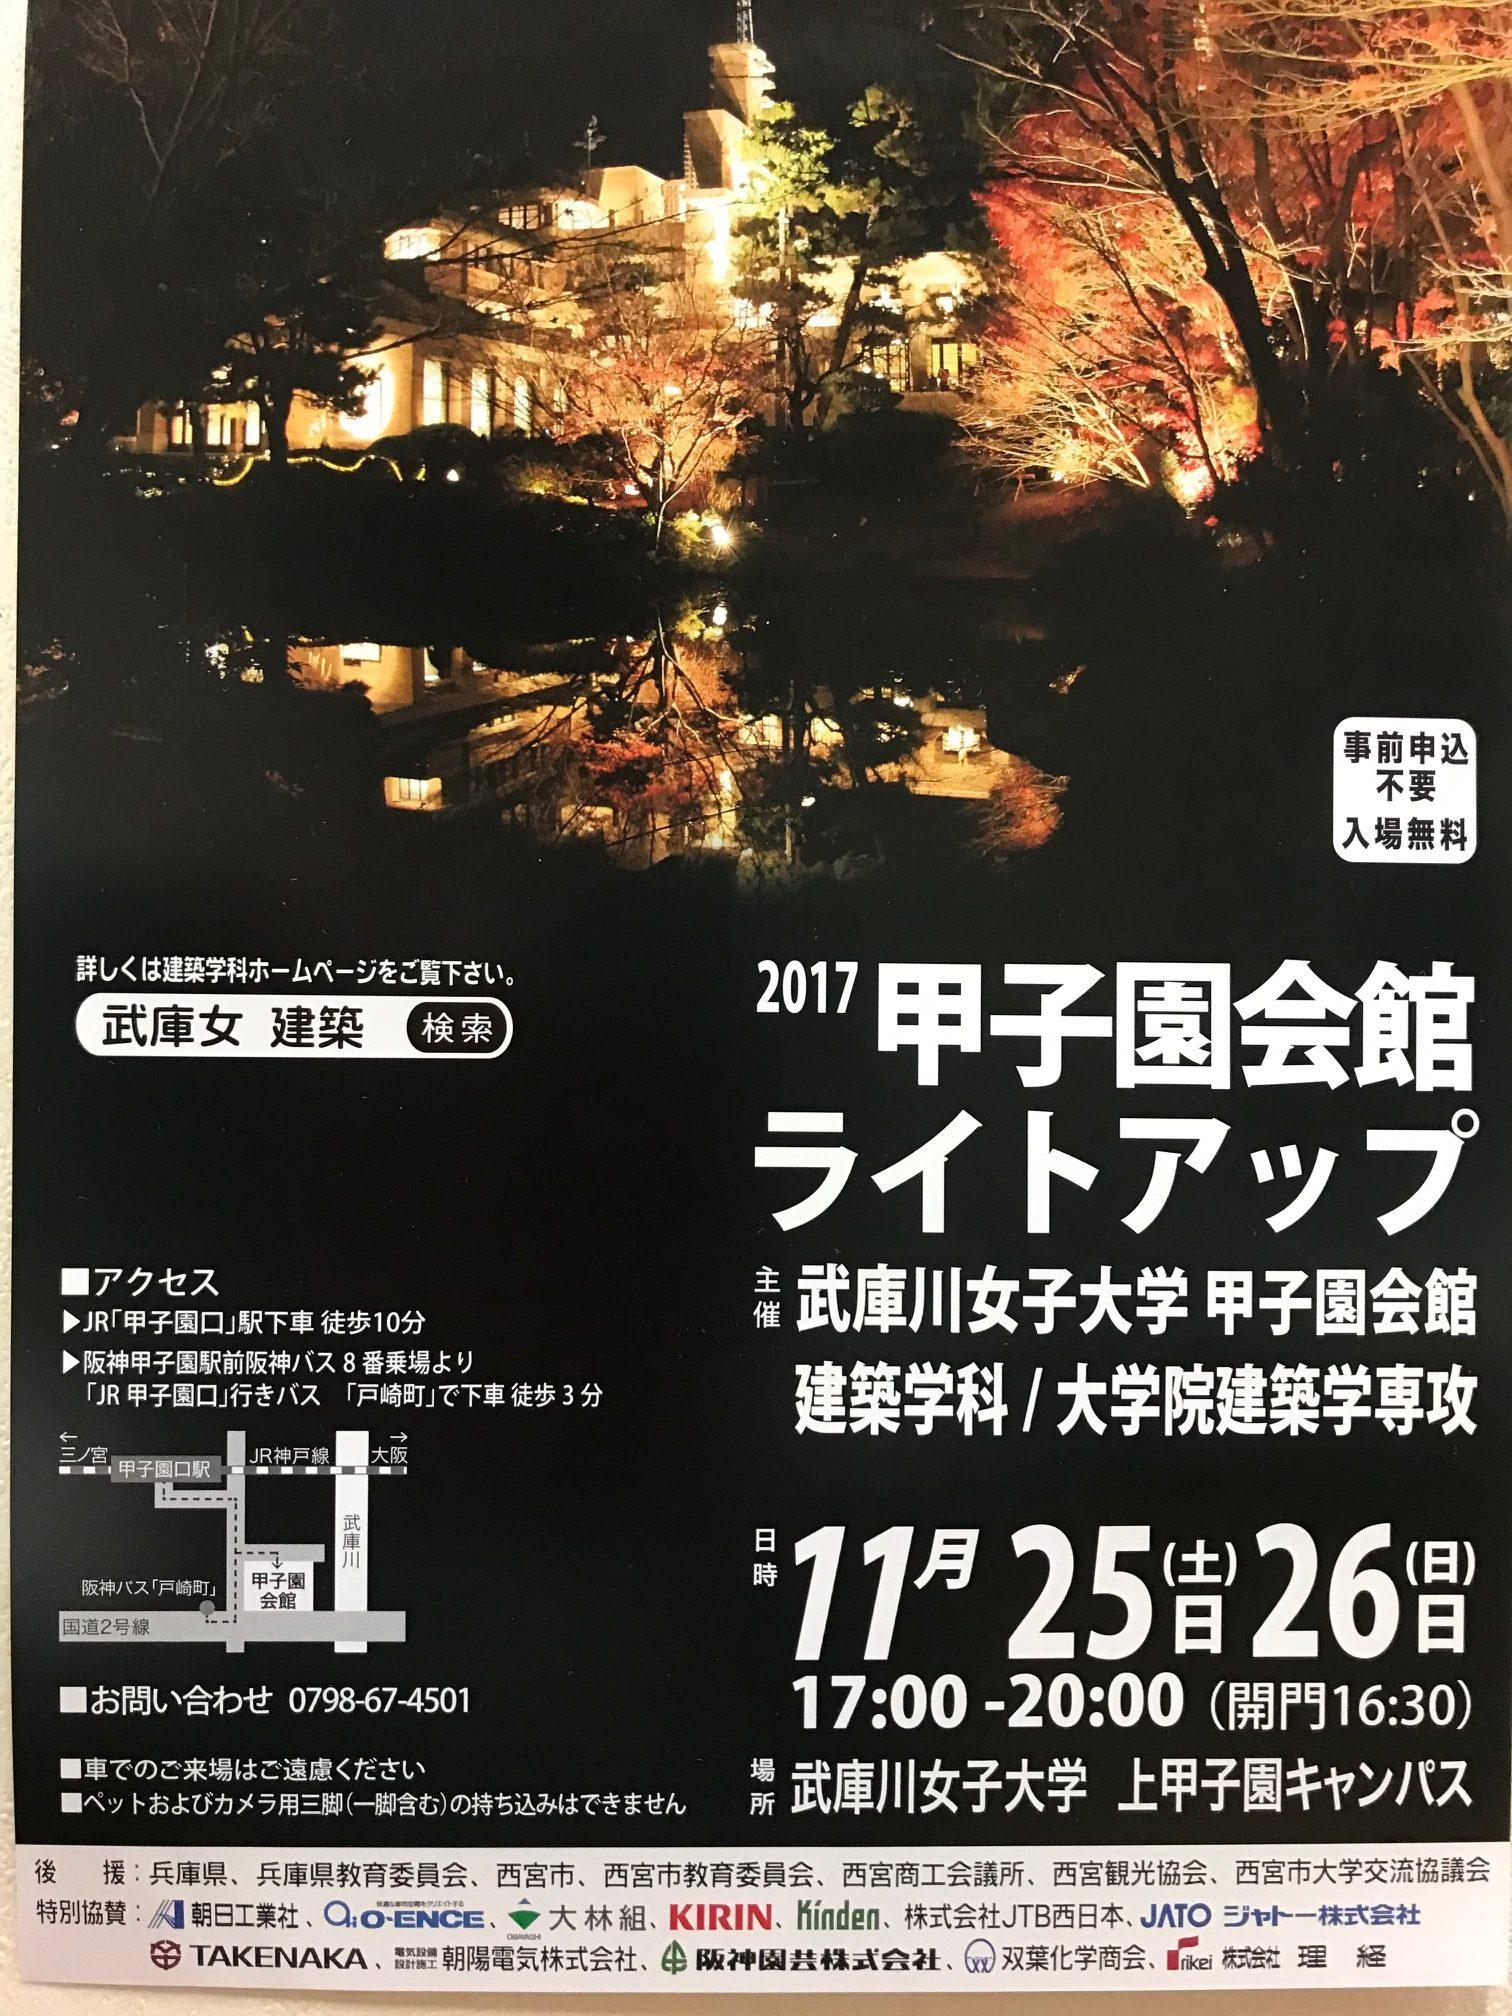 甲子園会館ライトアップ 2017